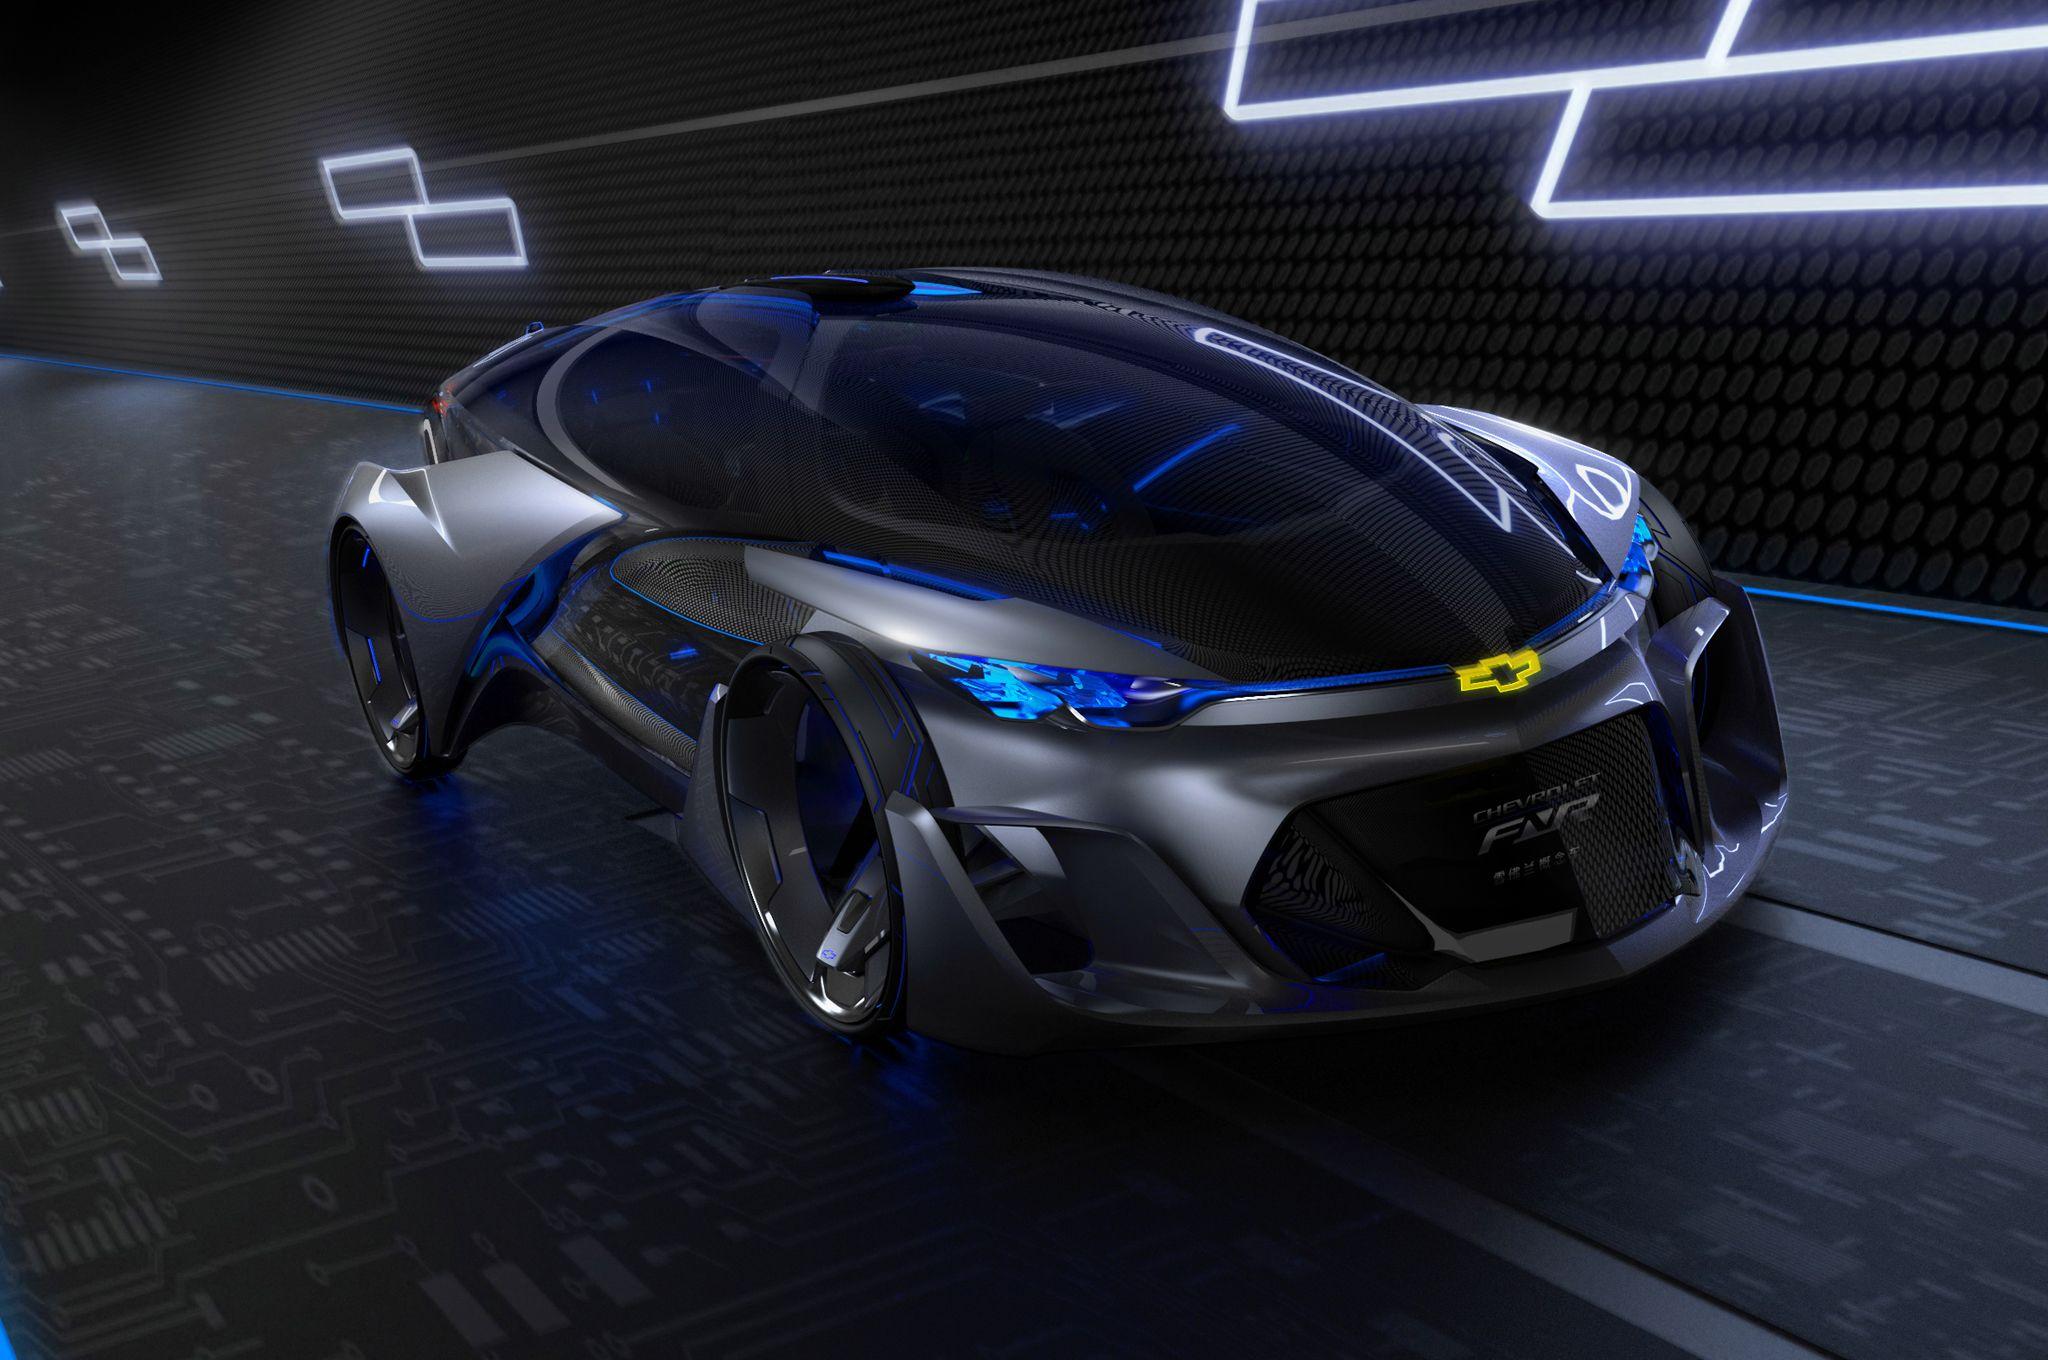 chevrolet fnr autonomous car concept rolls into shanghai cool cars rh pinterest com au